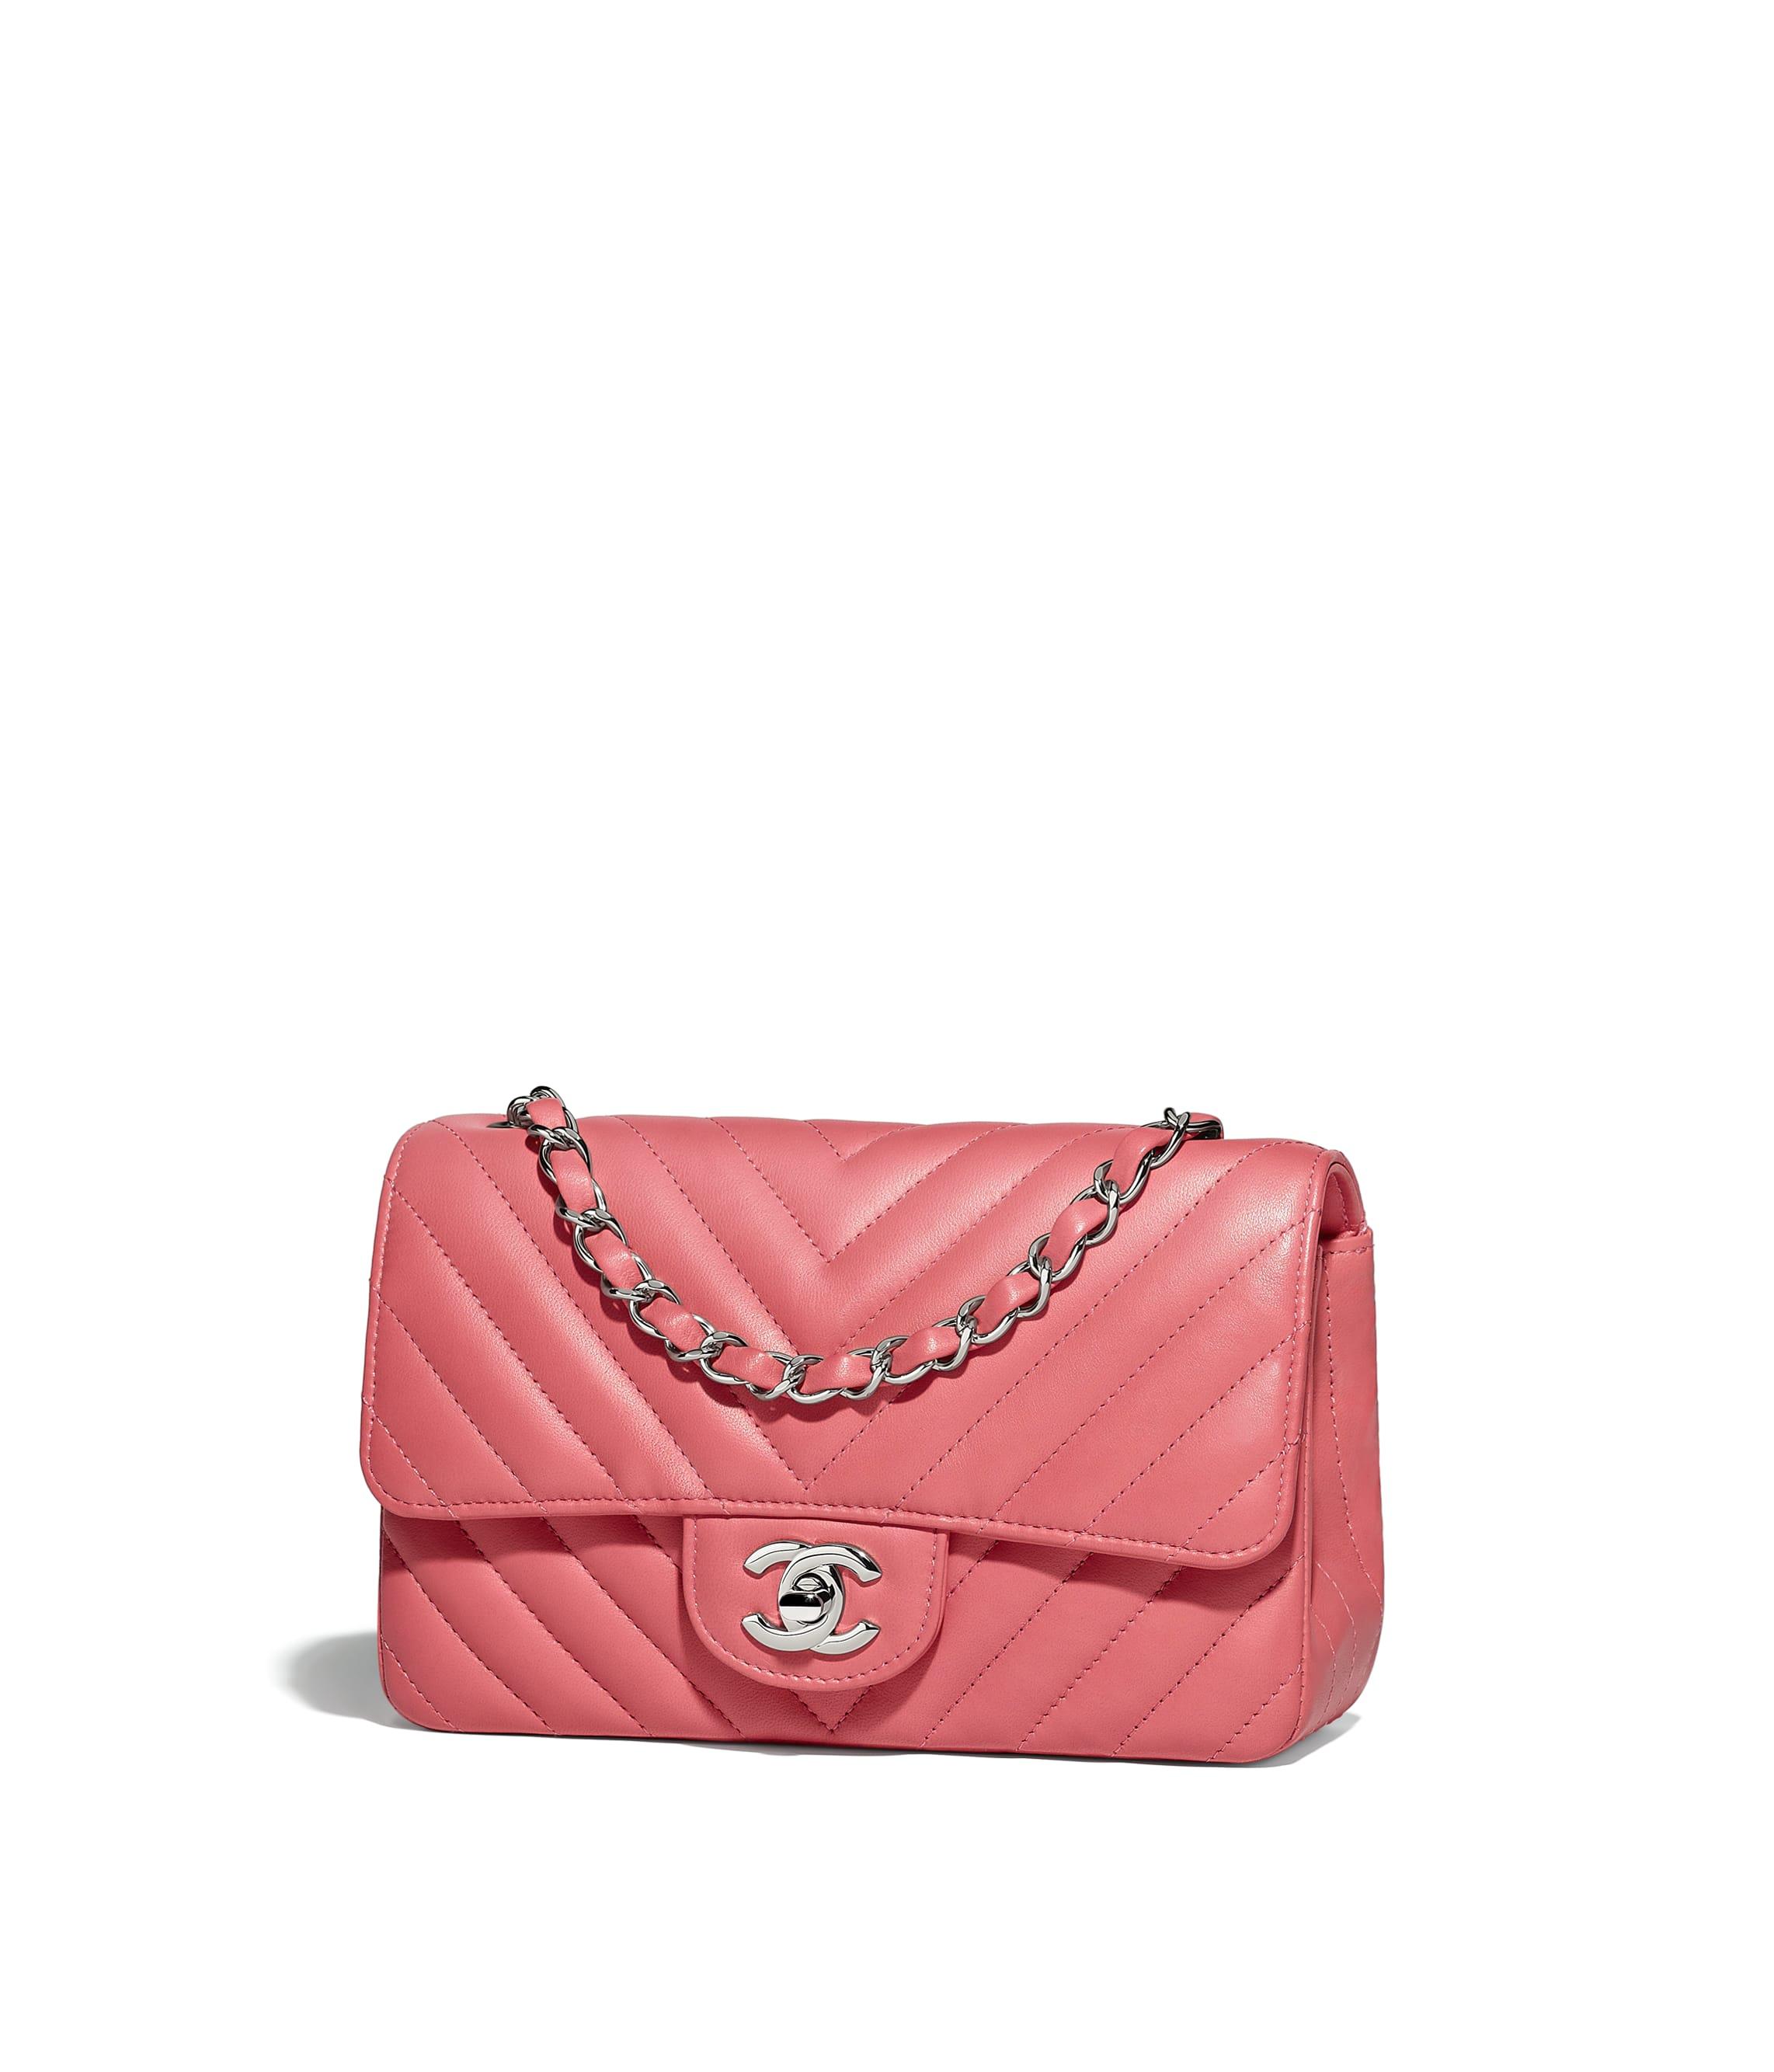 81da22662e47 Mini Flap Bag, lambskin, pink - CHANEL